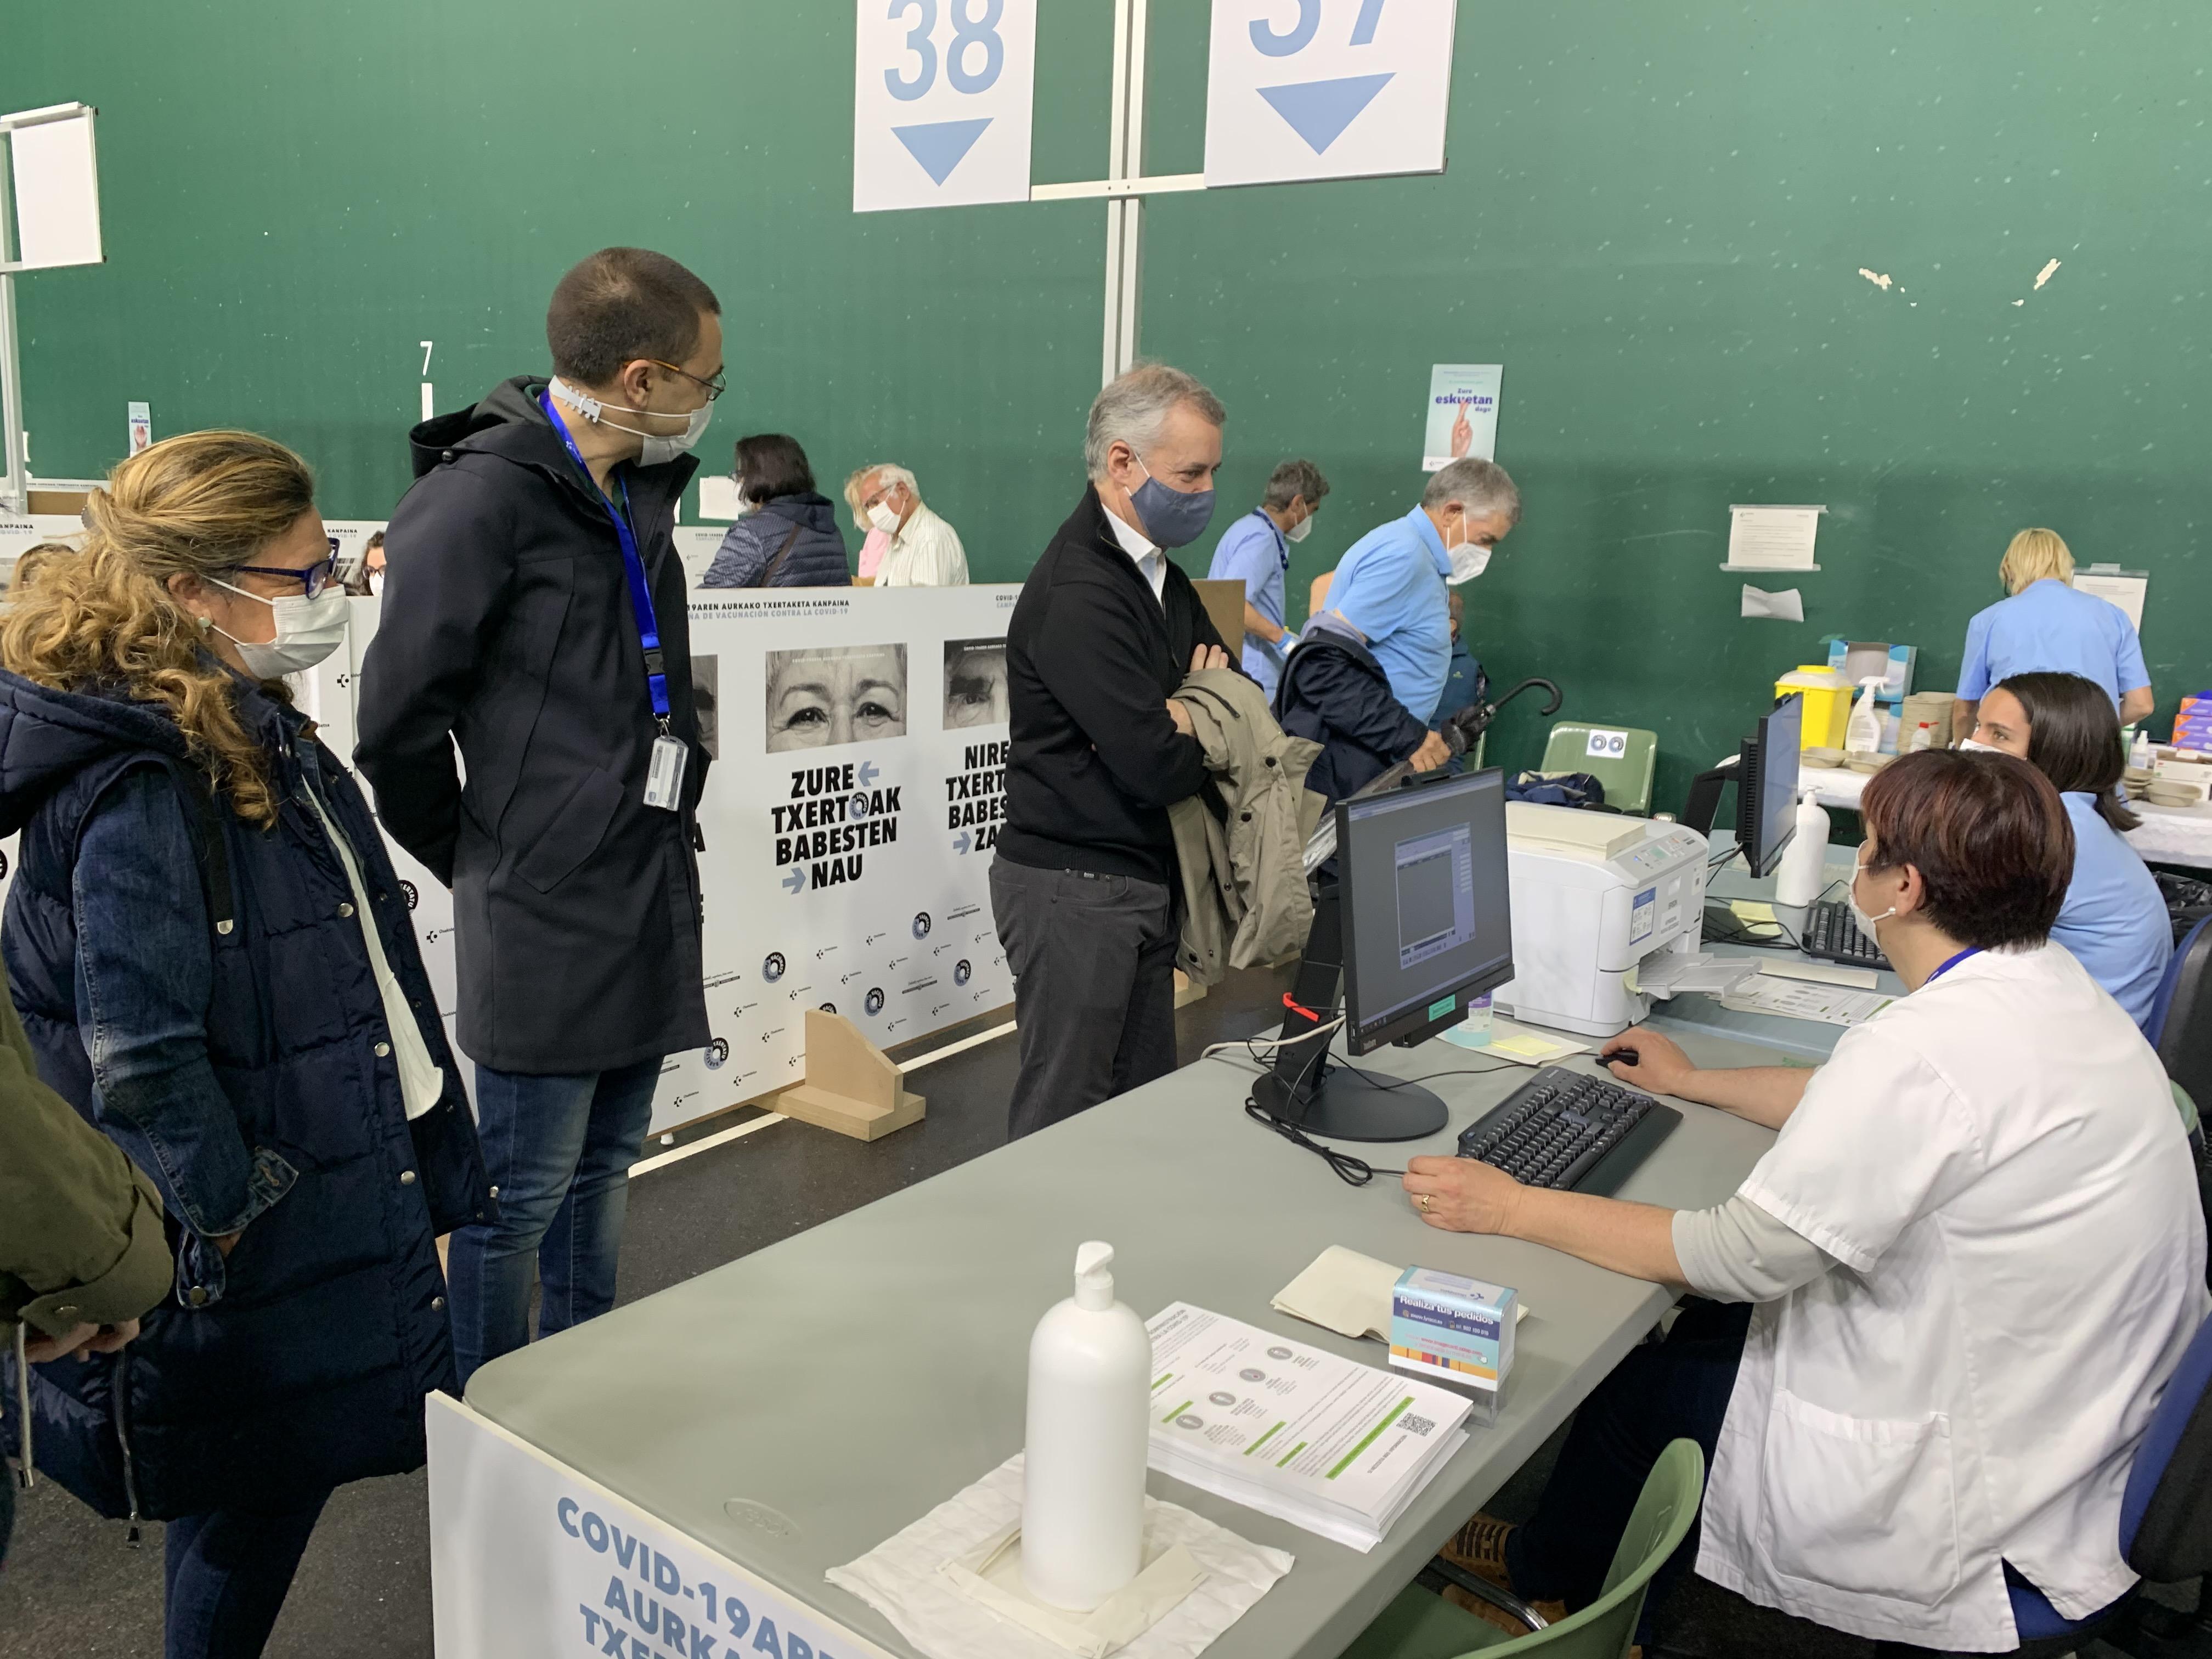 El Lehendakari Iñigo Urkullu agradece la labor del equipo de profesionales de Osakidetza en su visita al punto de vacunación de Frontón Lakua de Vitoria-Gasteiz [7:46]